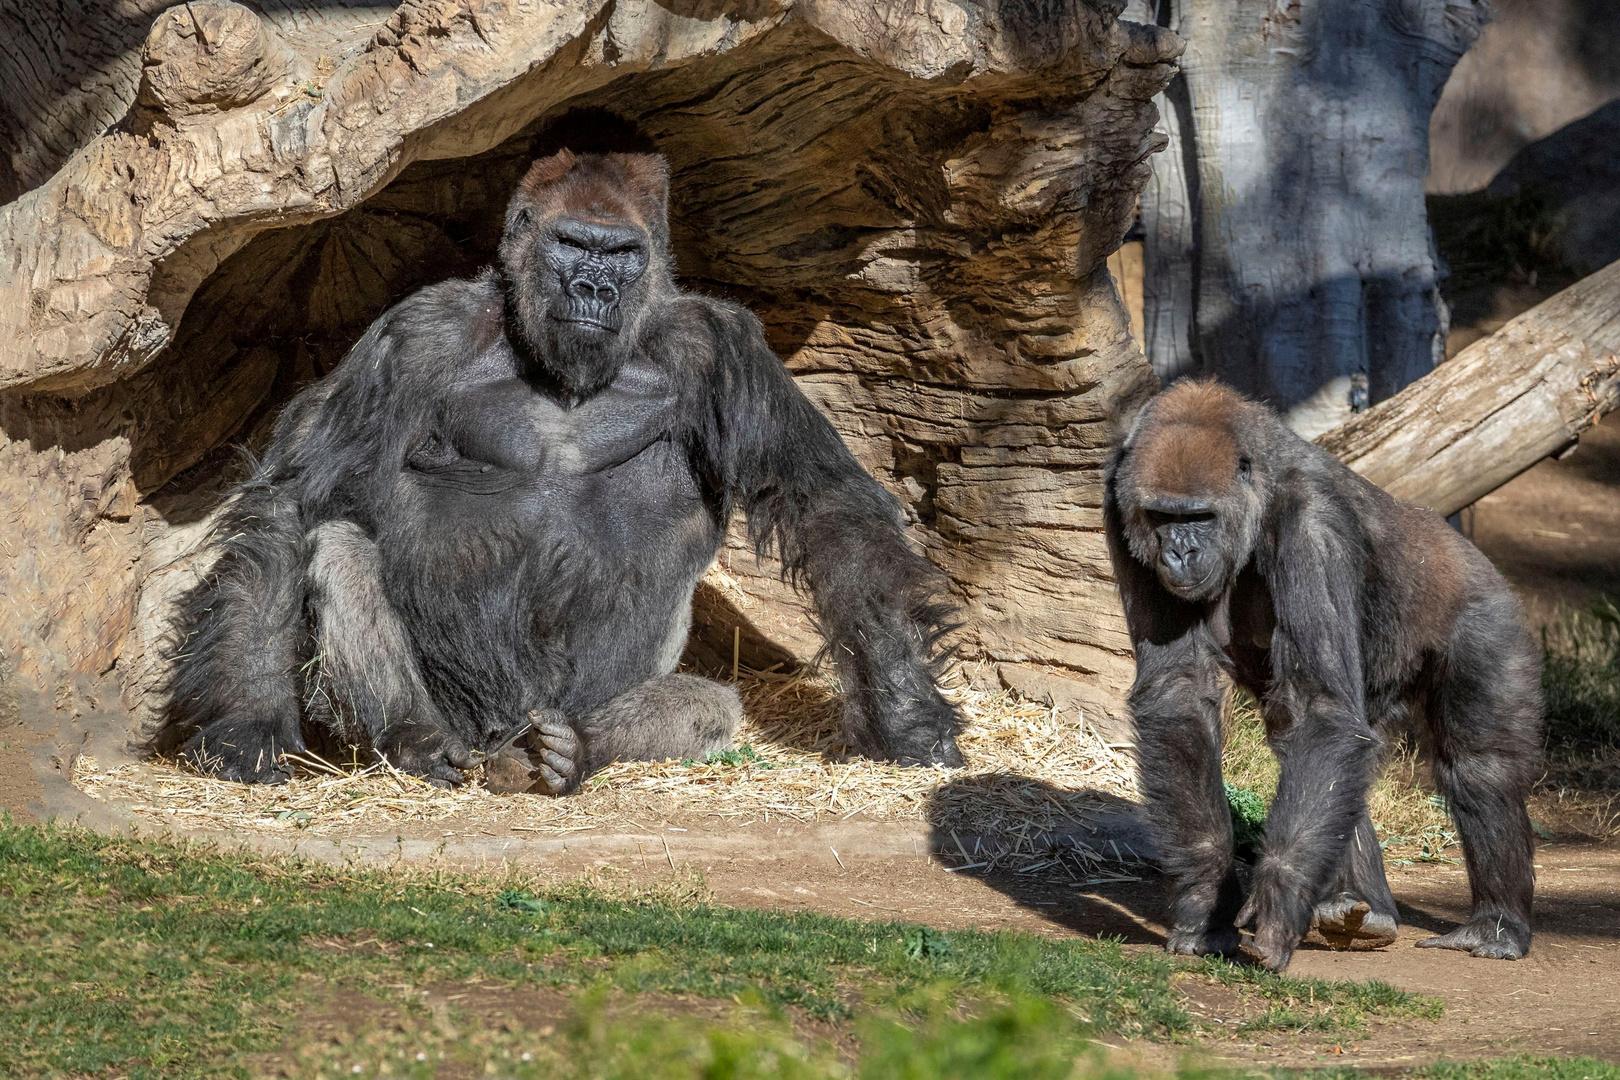 إصابة ثمانية أسود في حديقة حيوان هندية بكورونا